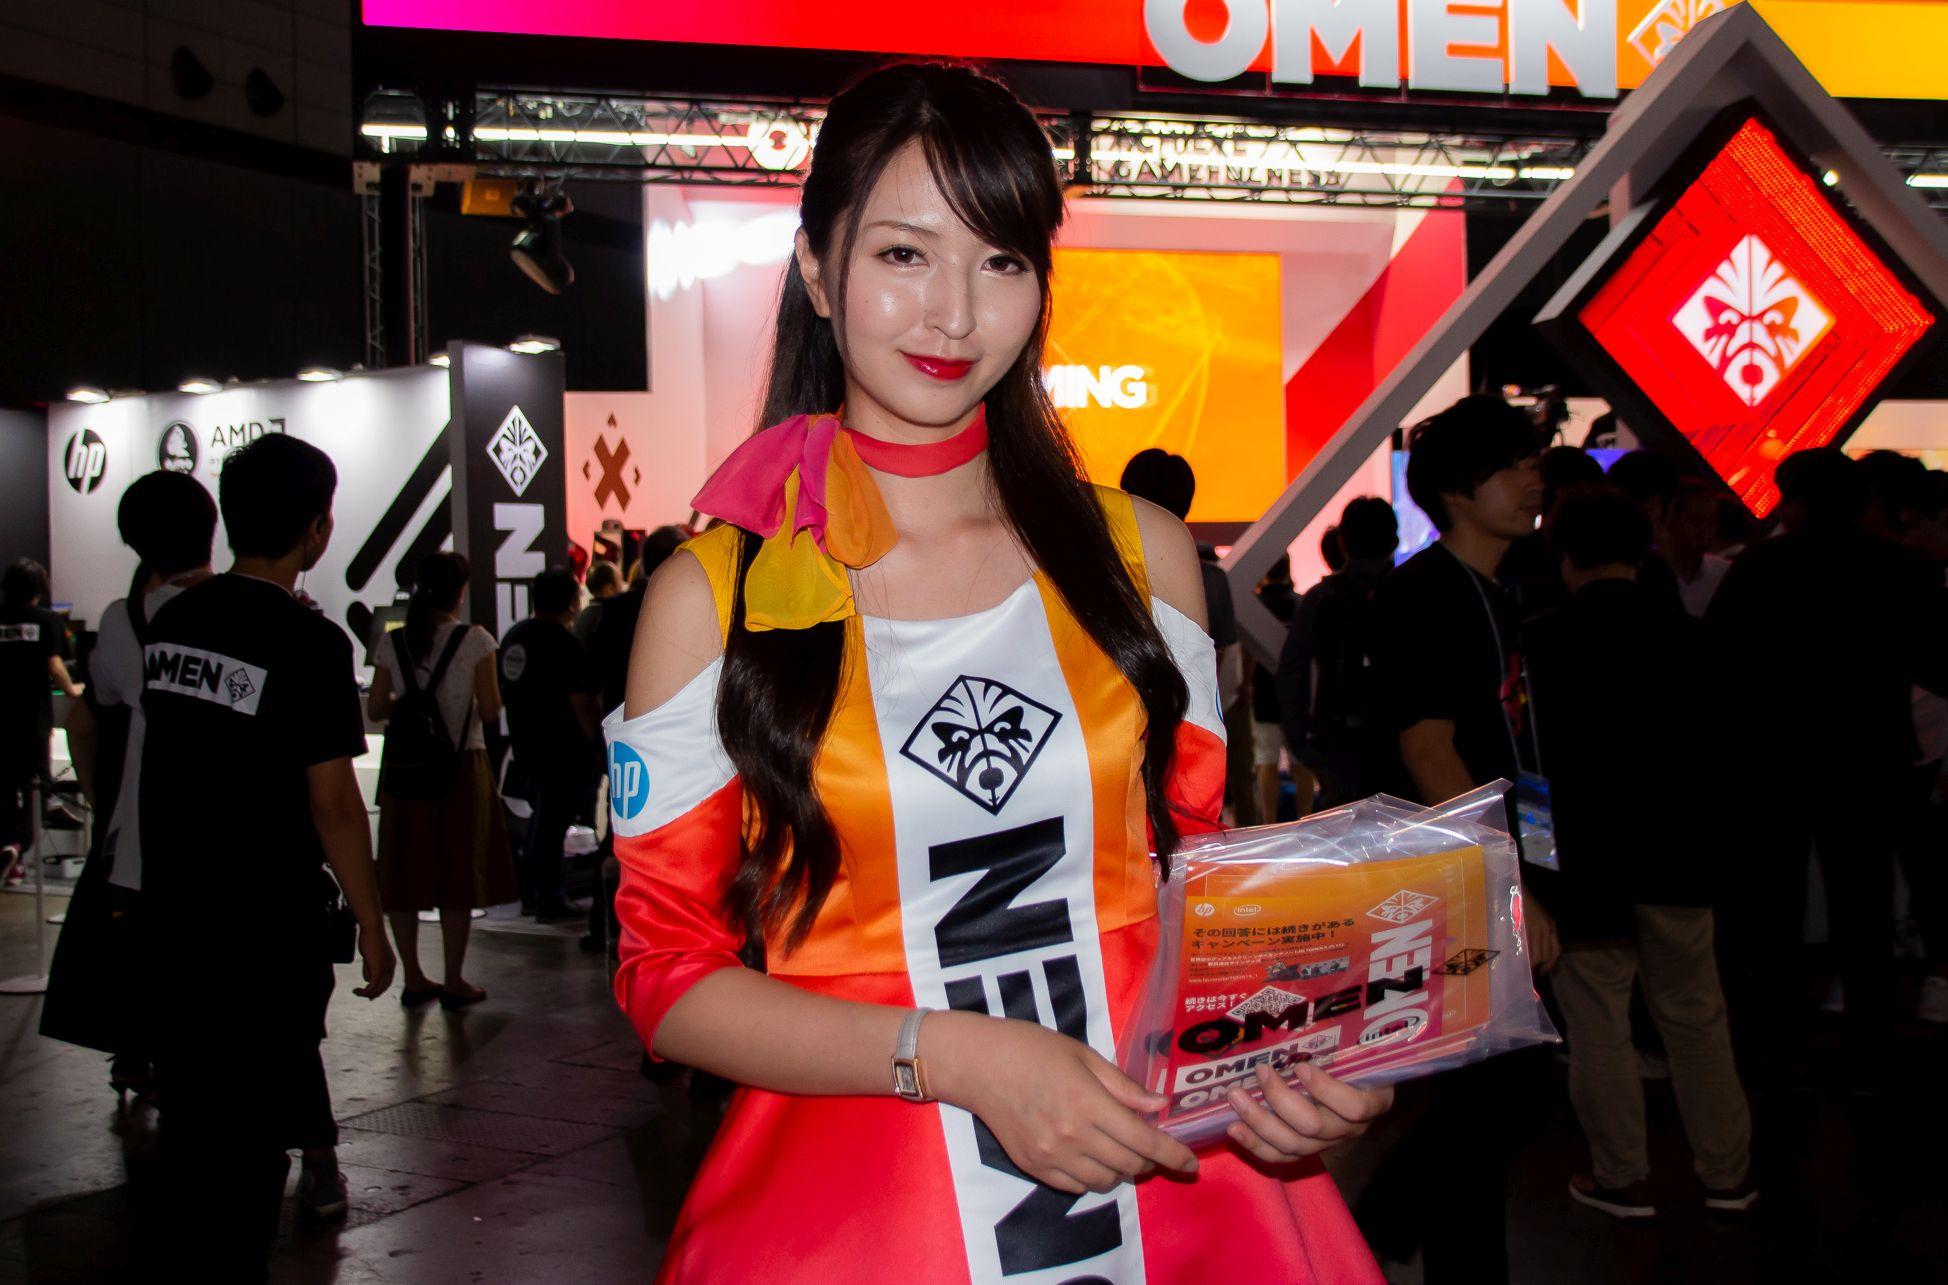 東京ゲームショウ2019 コンパニオンさん写真まとめ(日本HP) #TGS2019